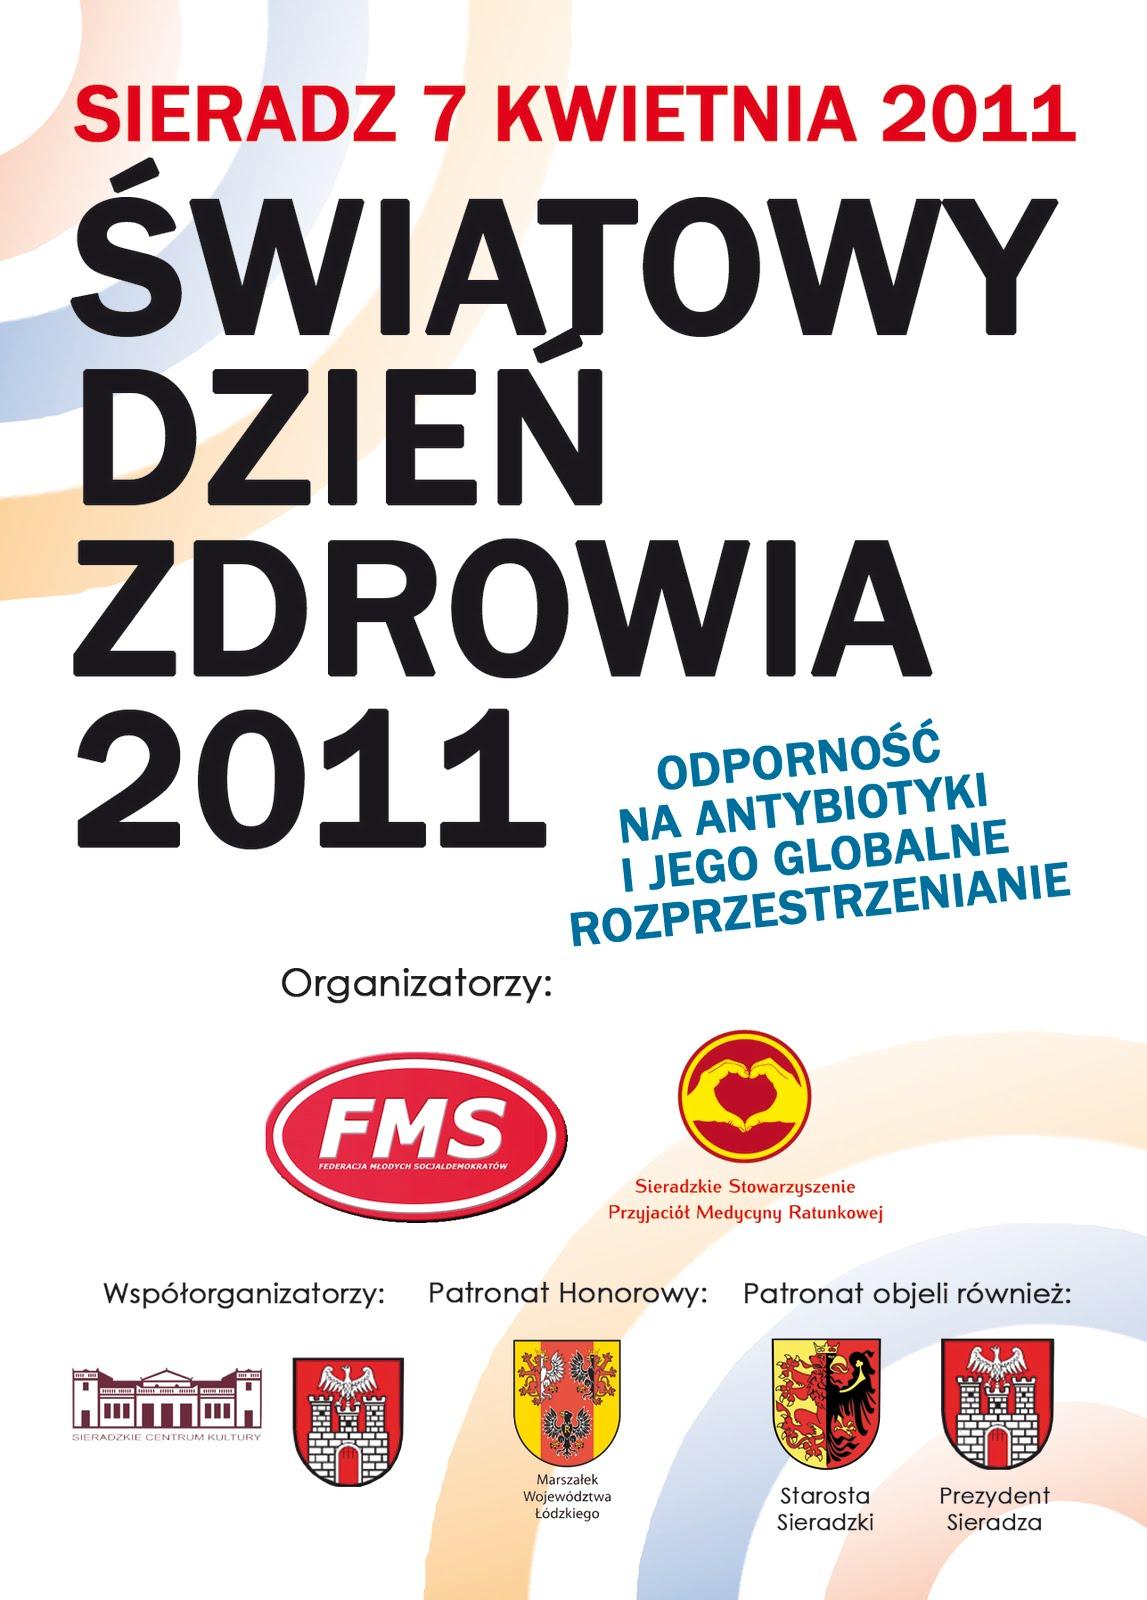 FMS Sieradz U015awiatowy Dzie U0144 Zdrowia